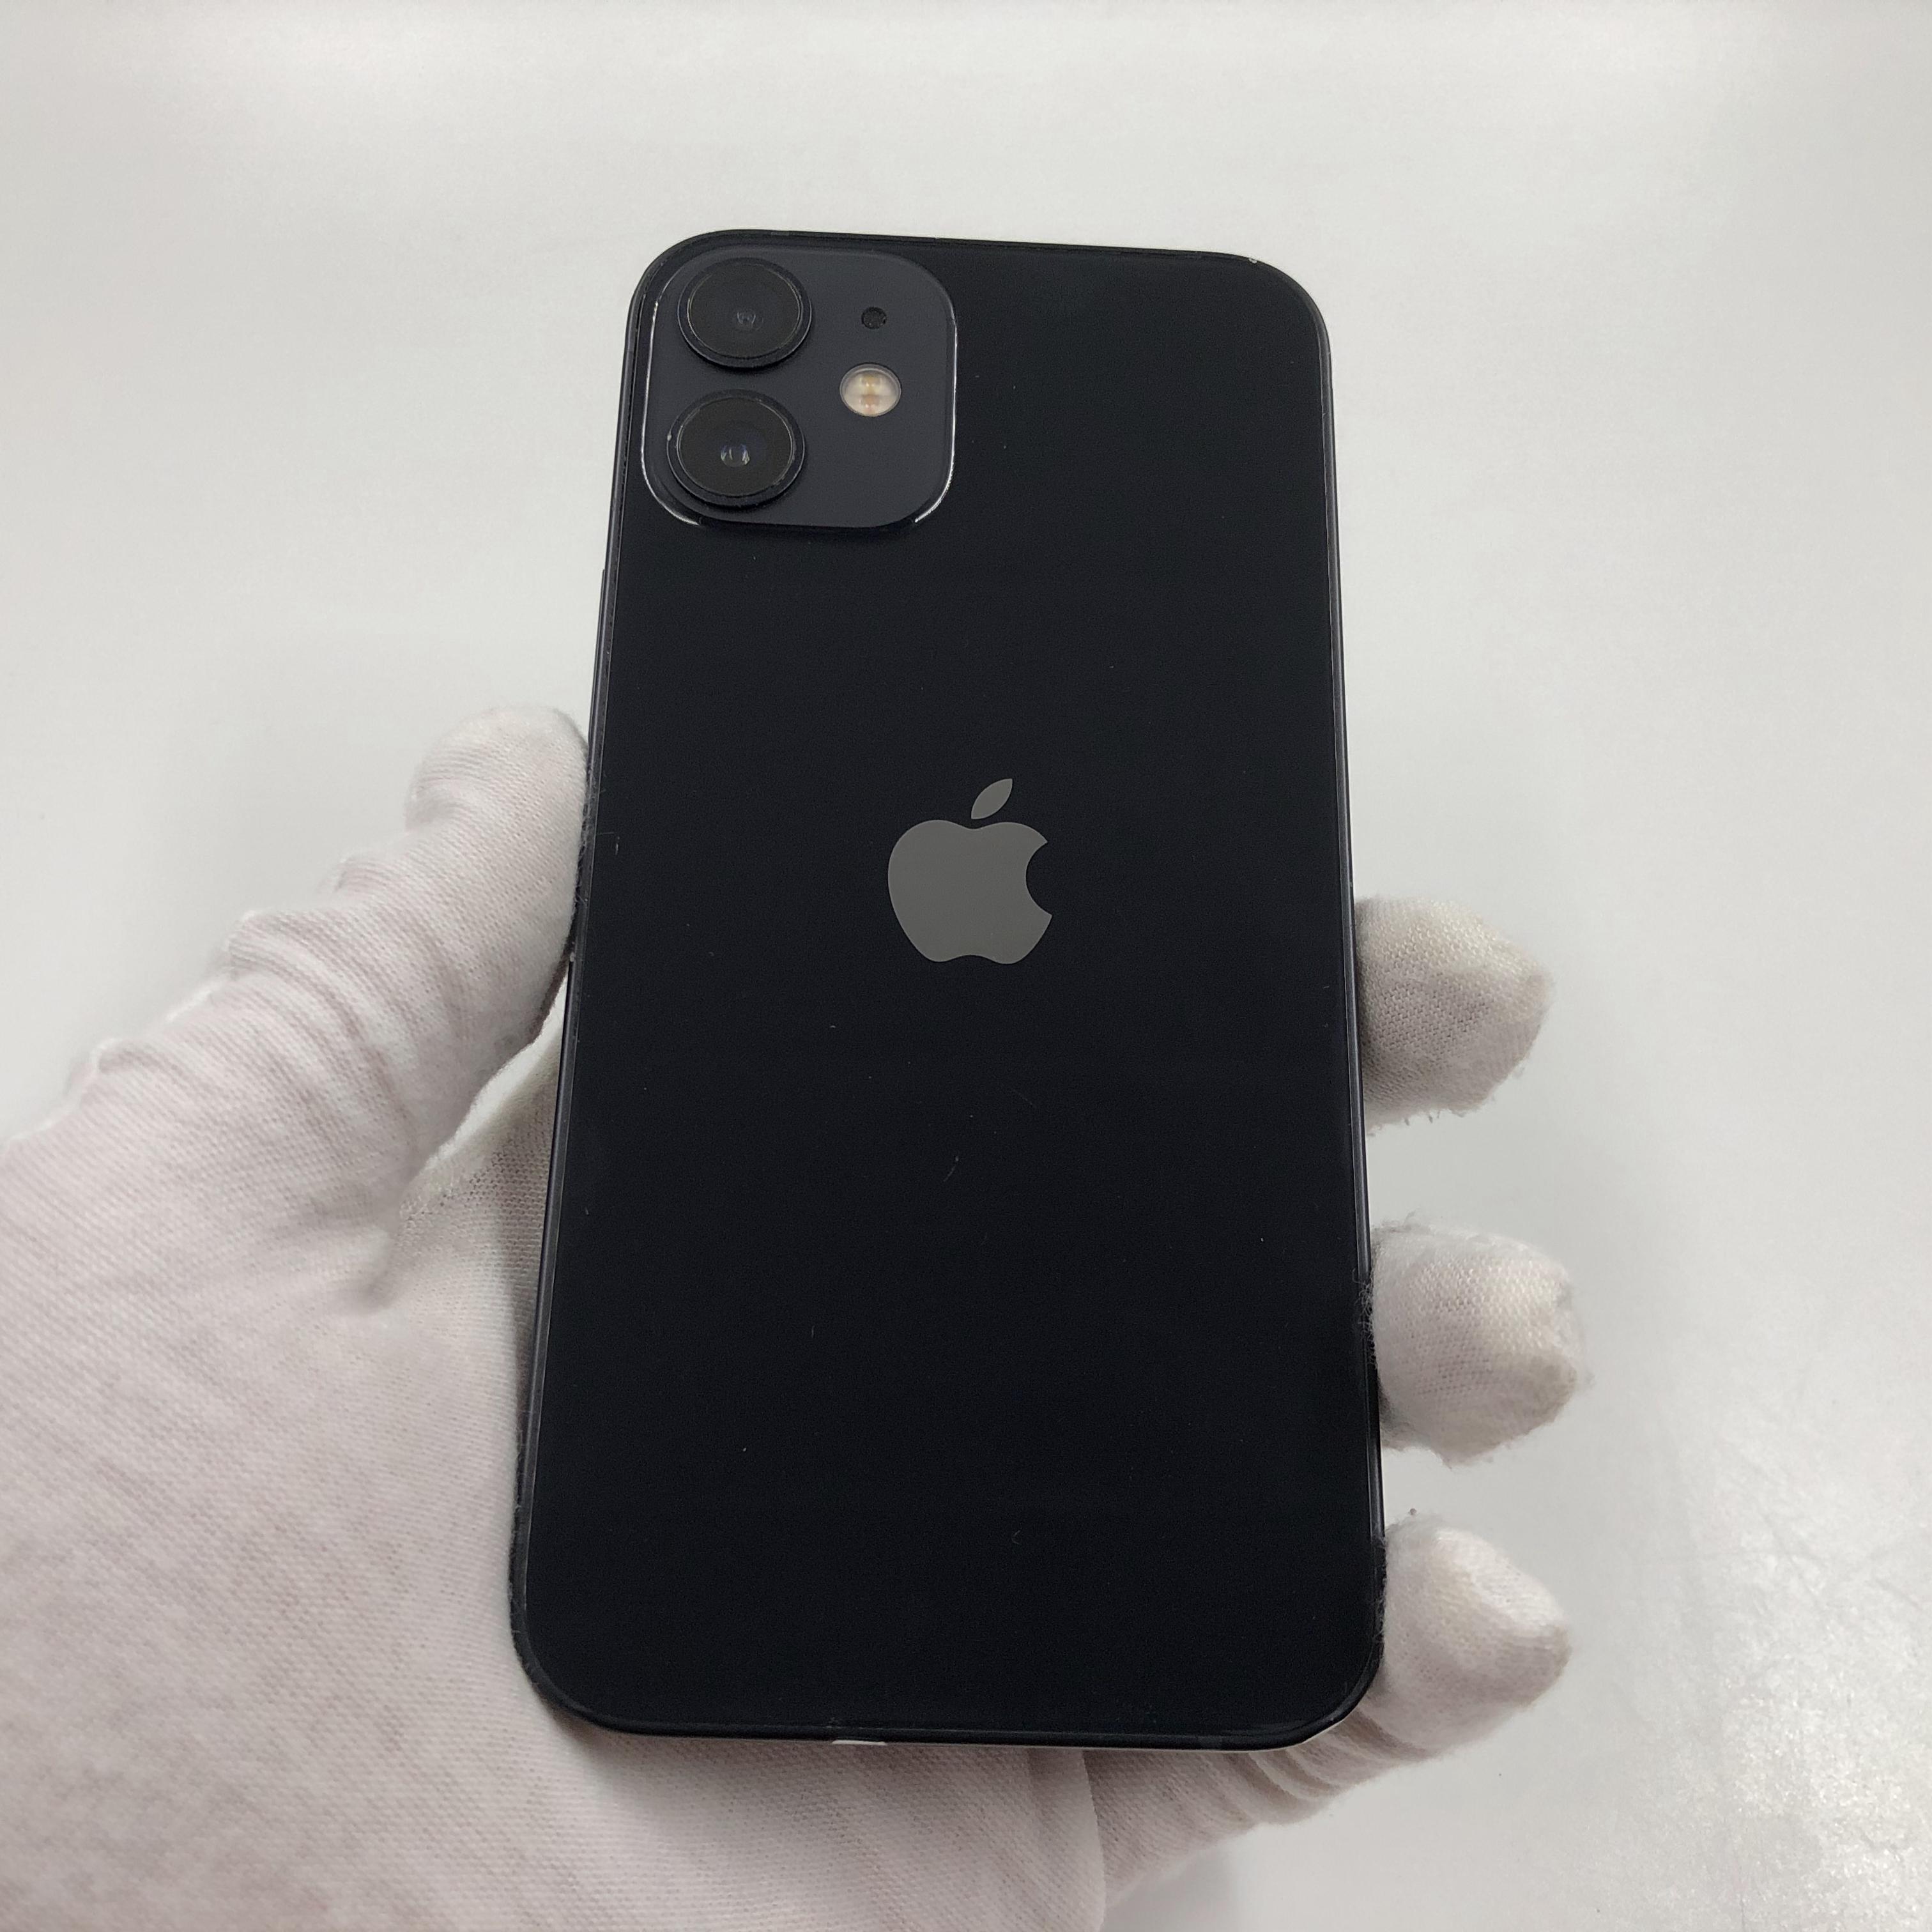 苹果【iPhone 12 mini】5G全网通 黑色 128G 国行 8成新 真机实拍官保2021-12-11